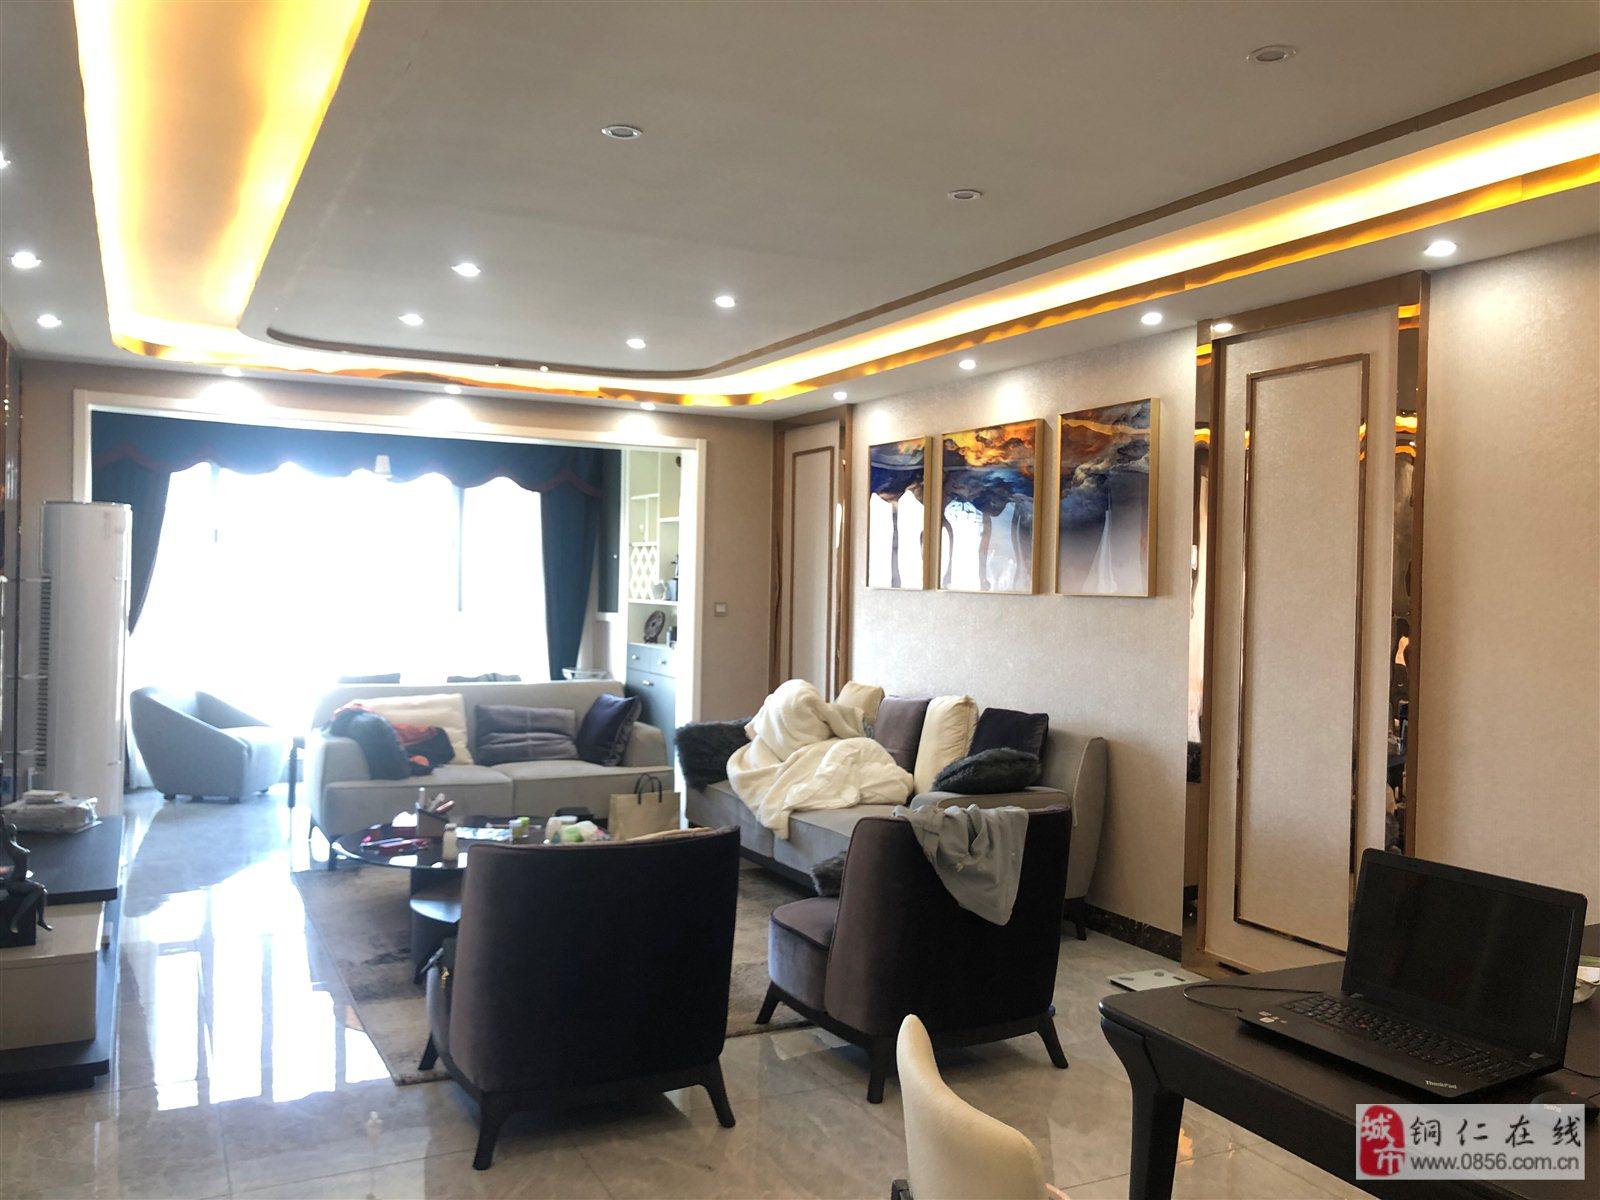 锦绣天地3室 2厅 2卫120万元精装一线江景关门